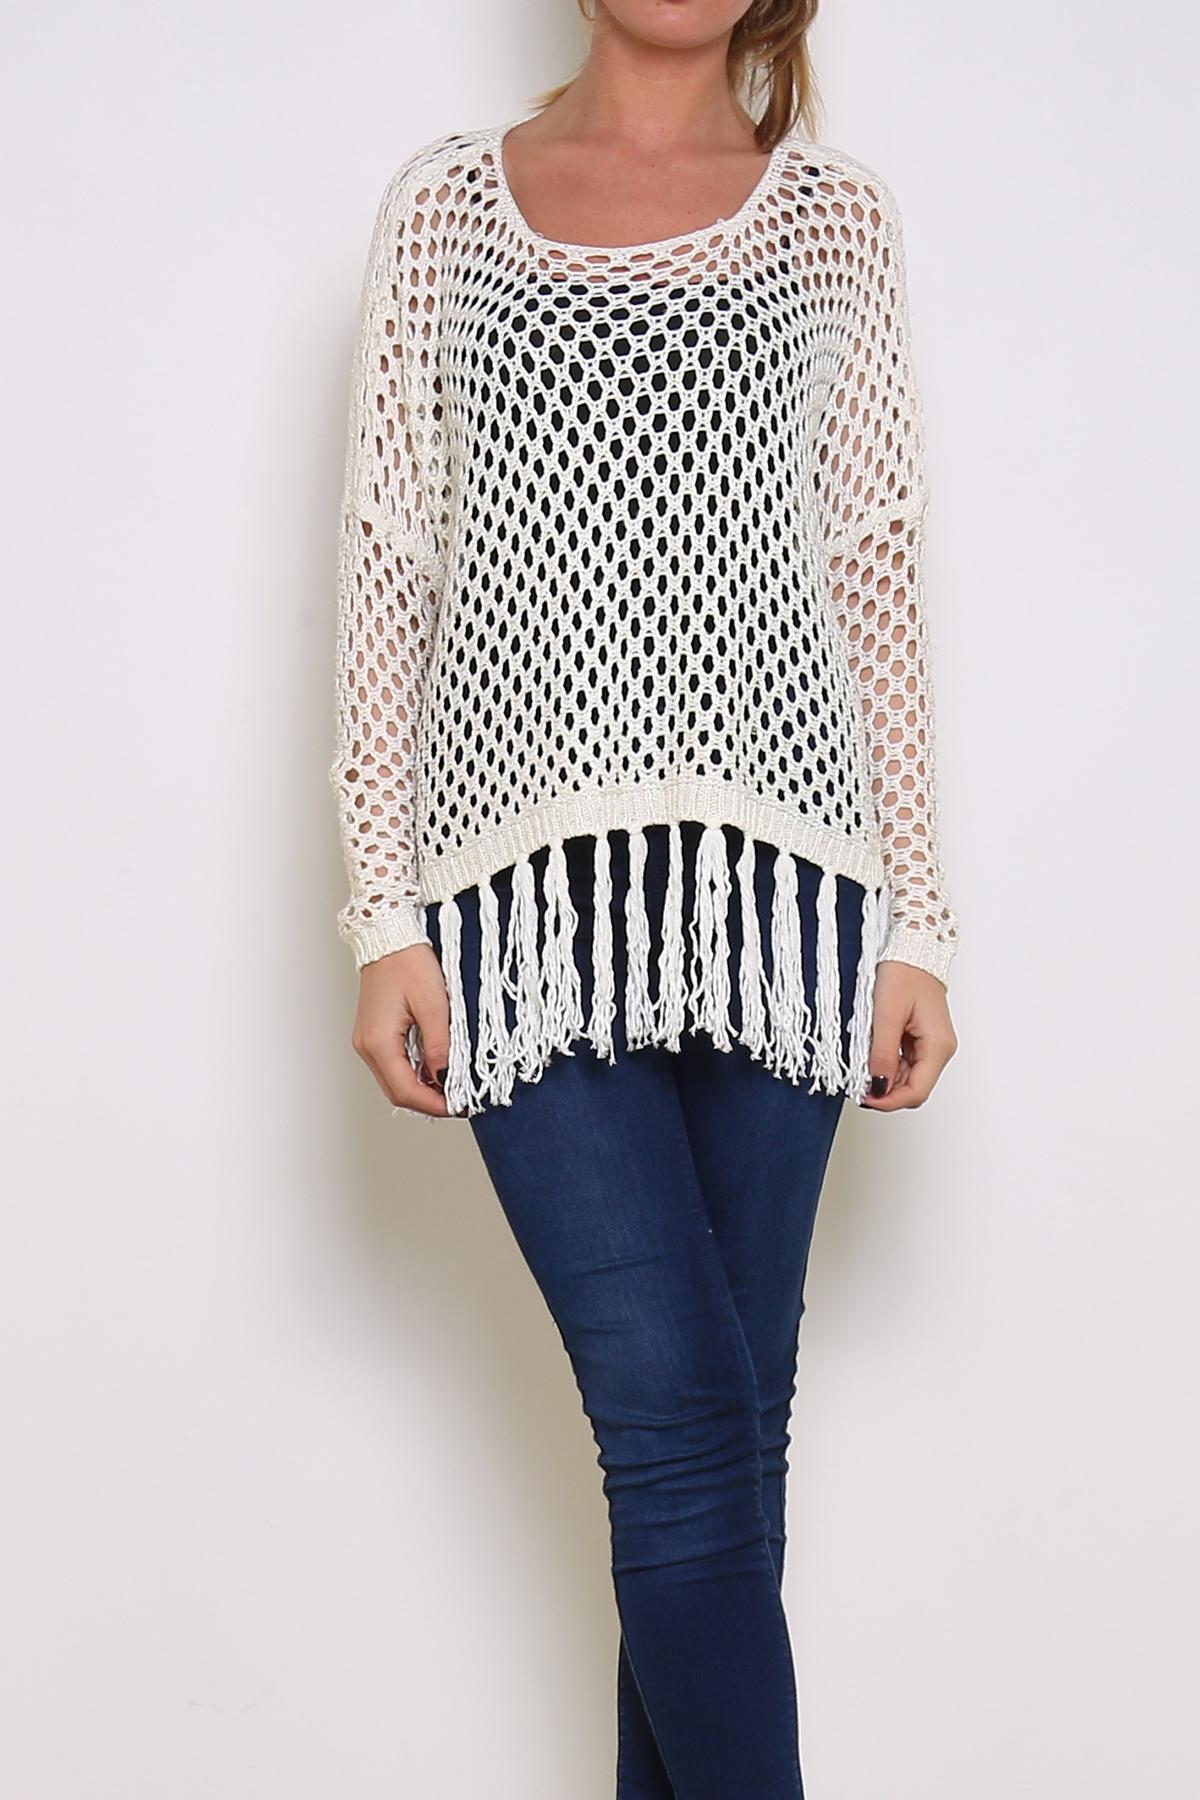 Tops Femme Blanc LUZABELLE 3344-W #c Efashion Paris